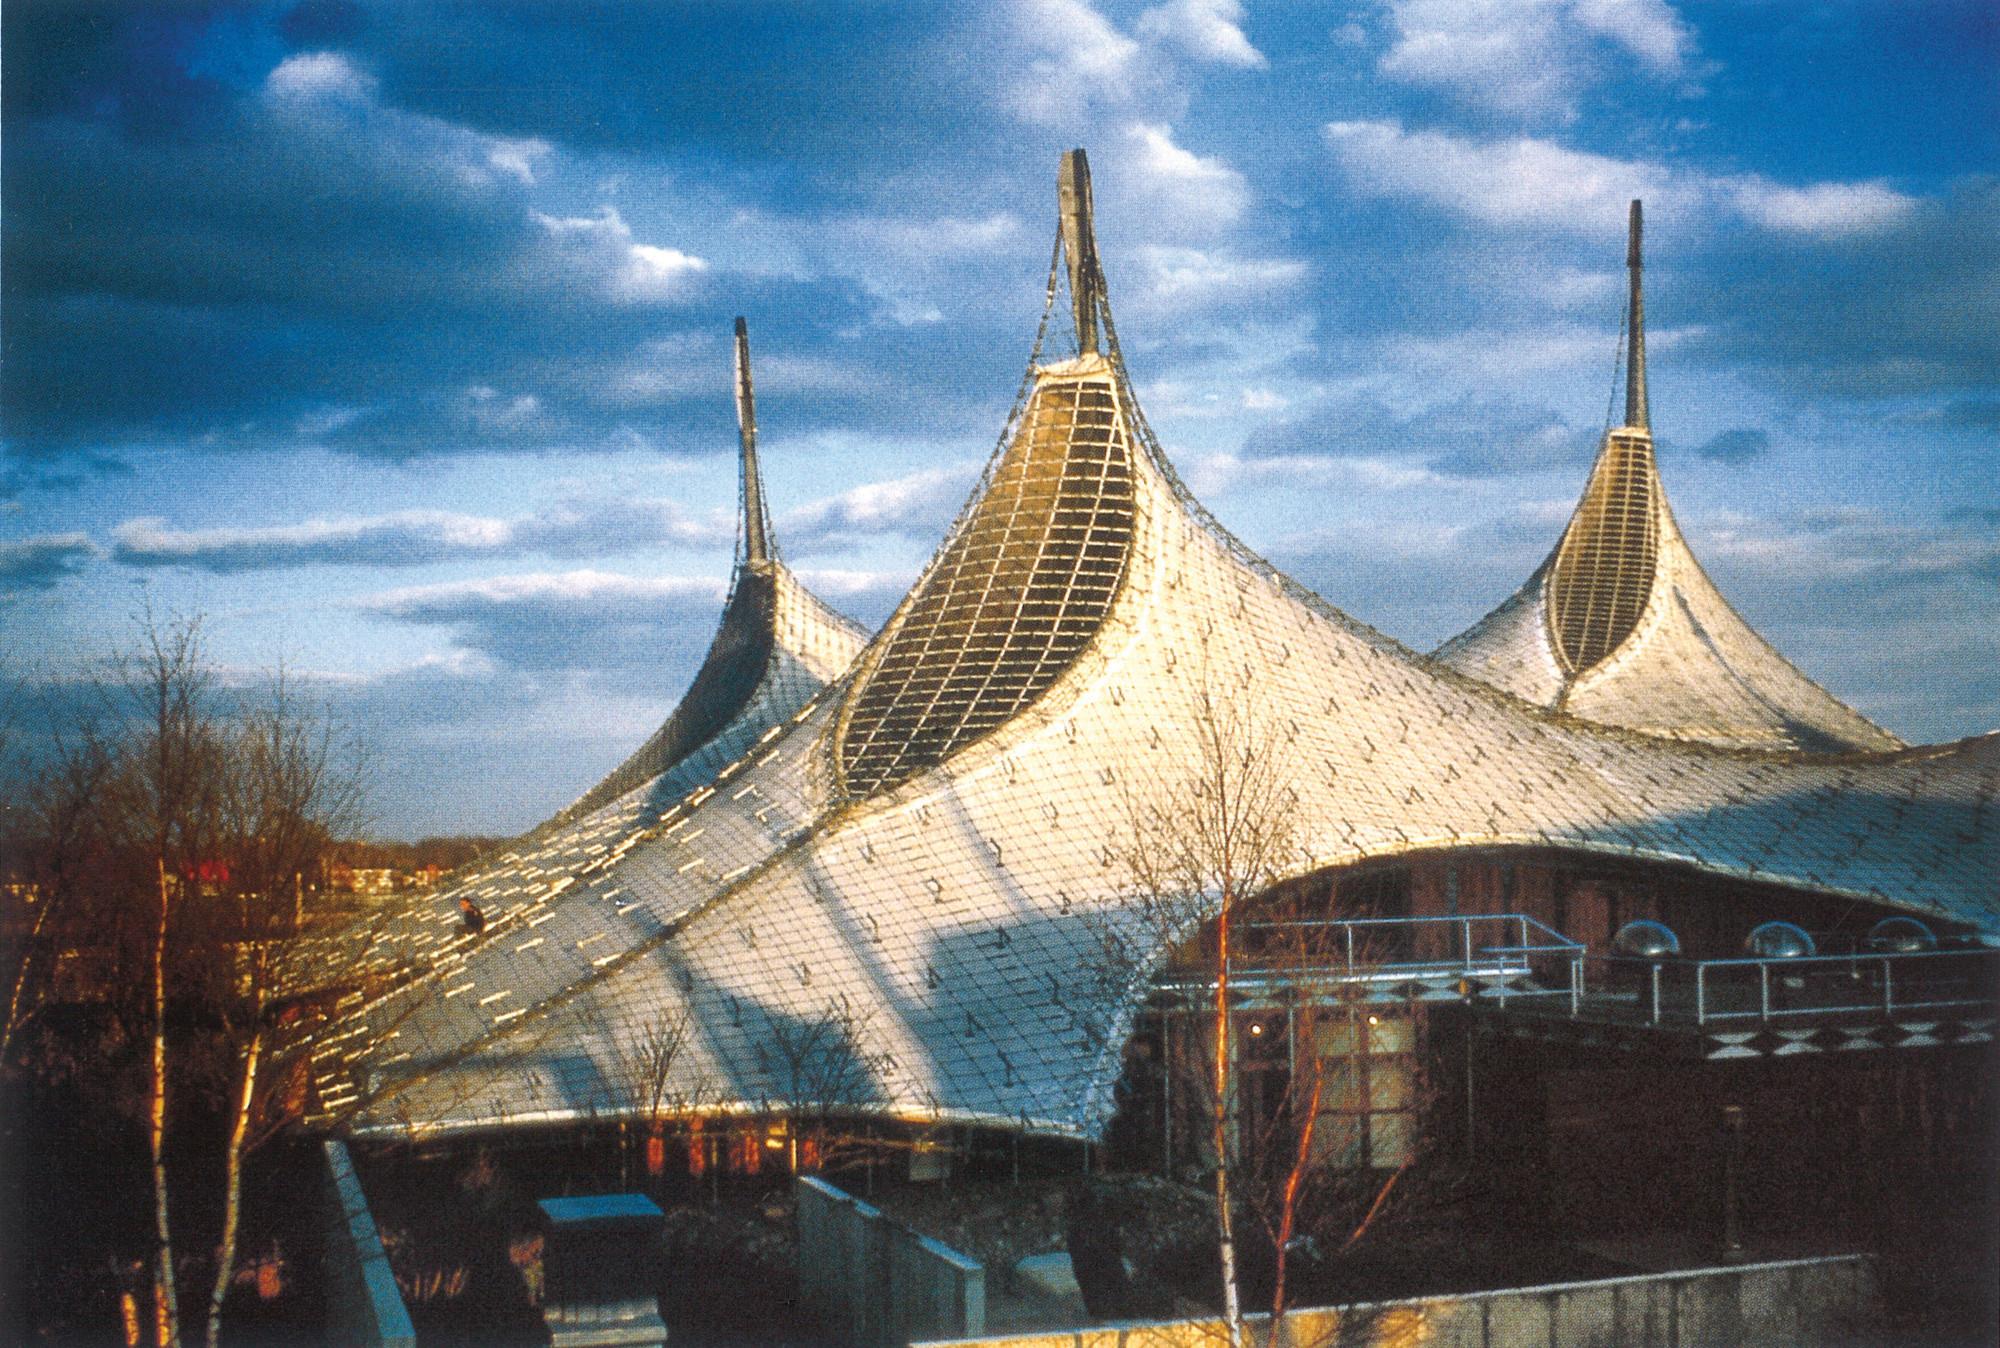 Clásicos de Arquitectura: Pabellón Alemán, Expo '67 / Frei Otto y Rolf Gutbrod, © Frei Otto